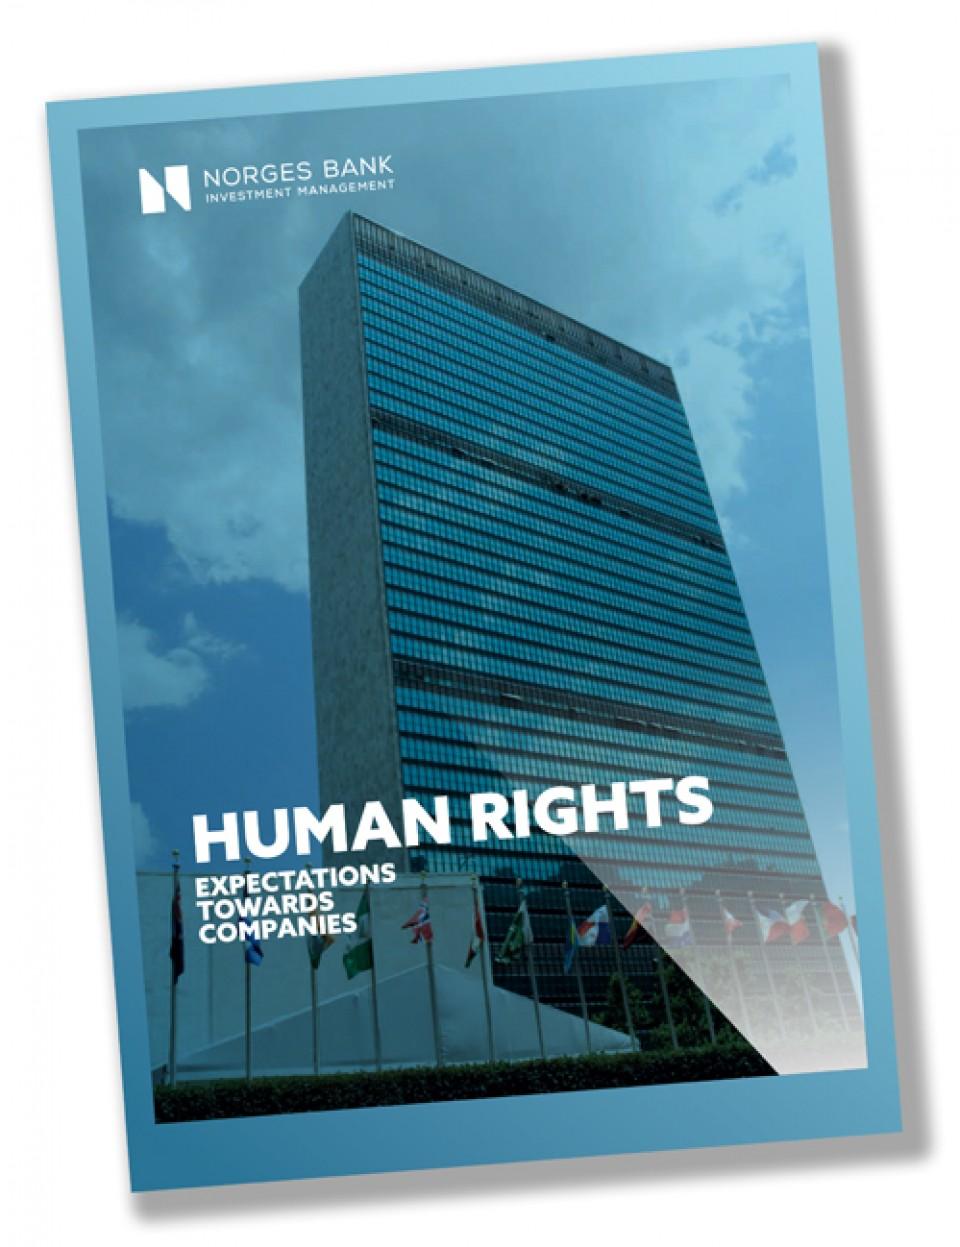 Oljefondet skal følge menneskerettighetene